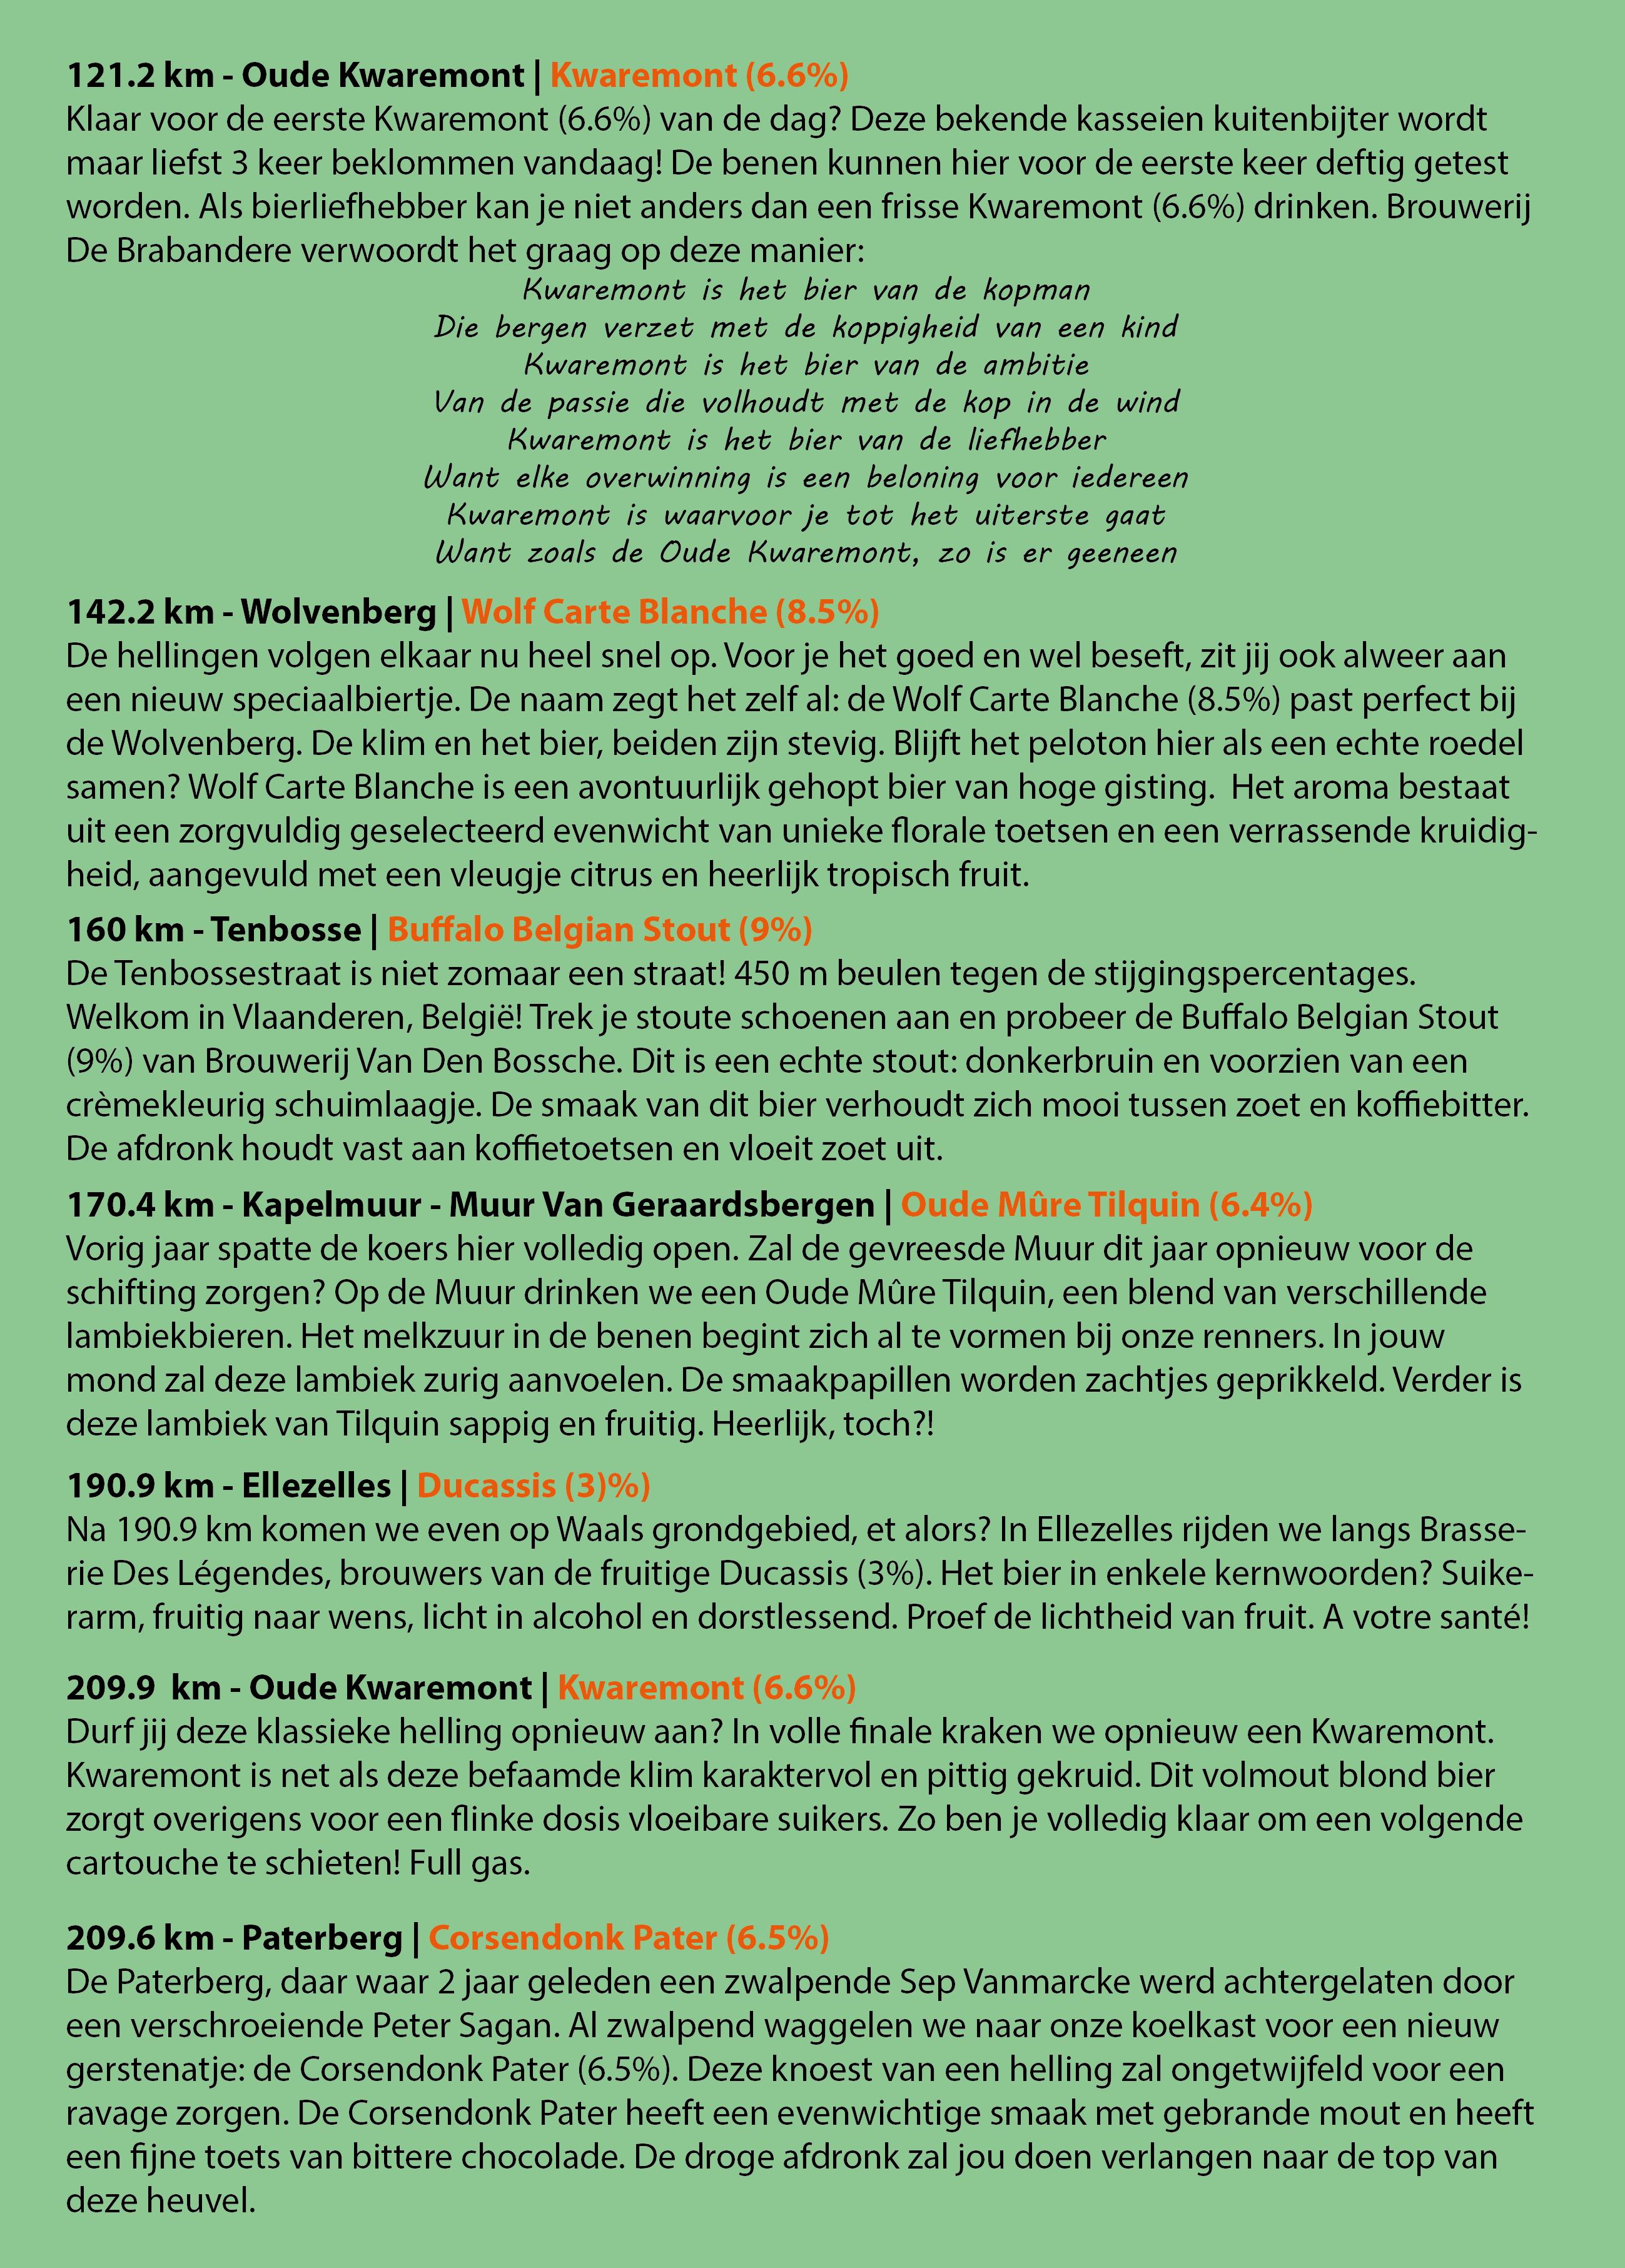 Ronde Van Vlaanderen 2018 Biergids - Bierparadijs - Blz2